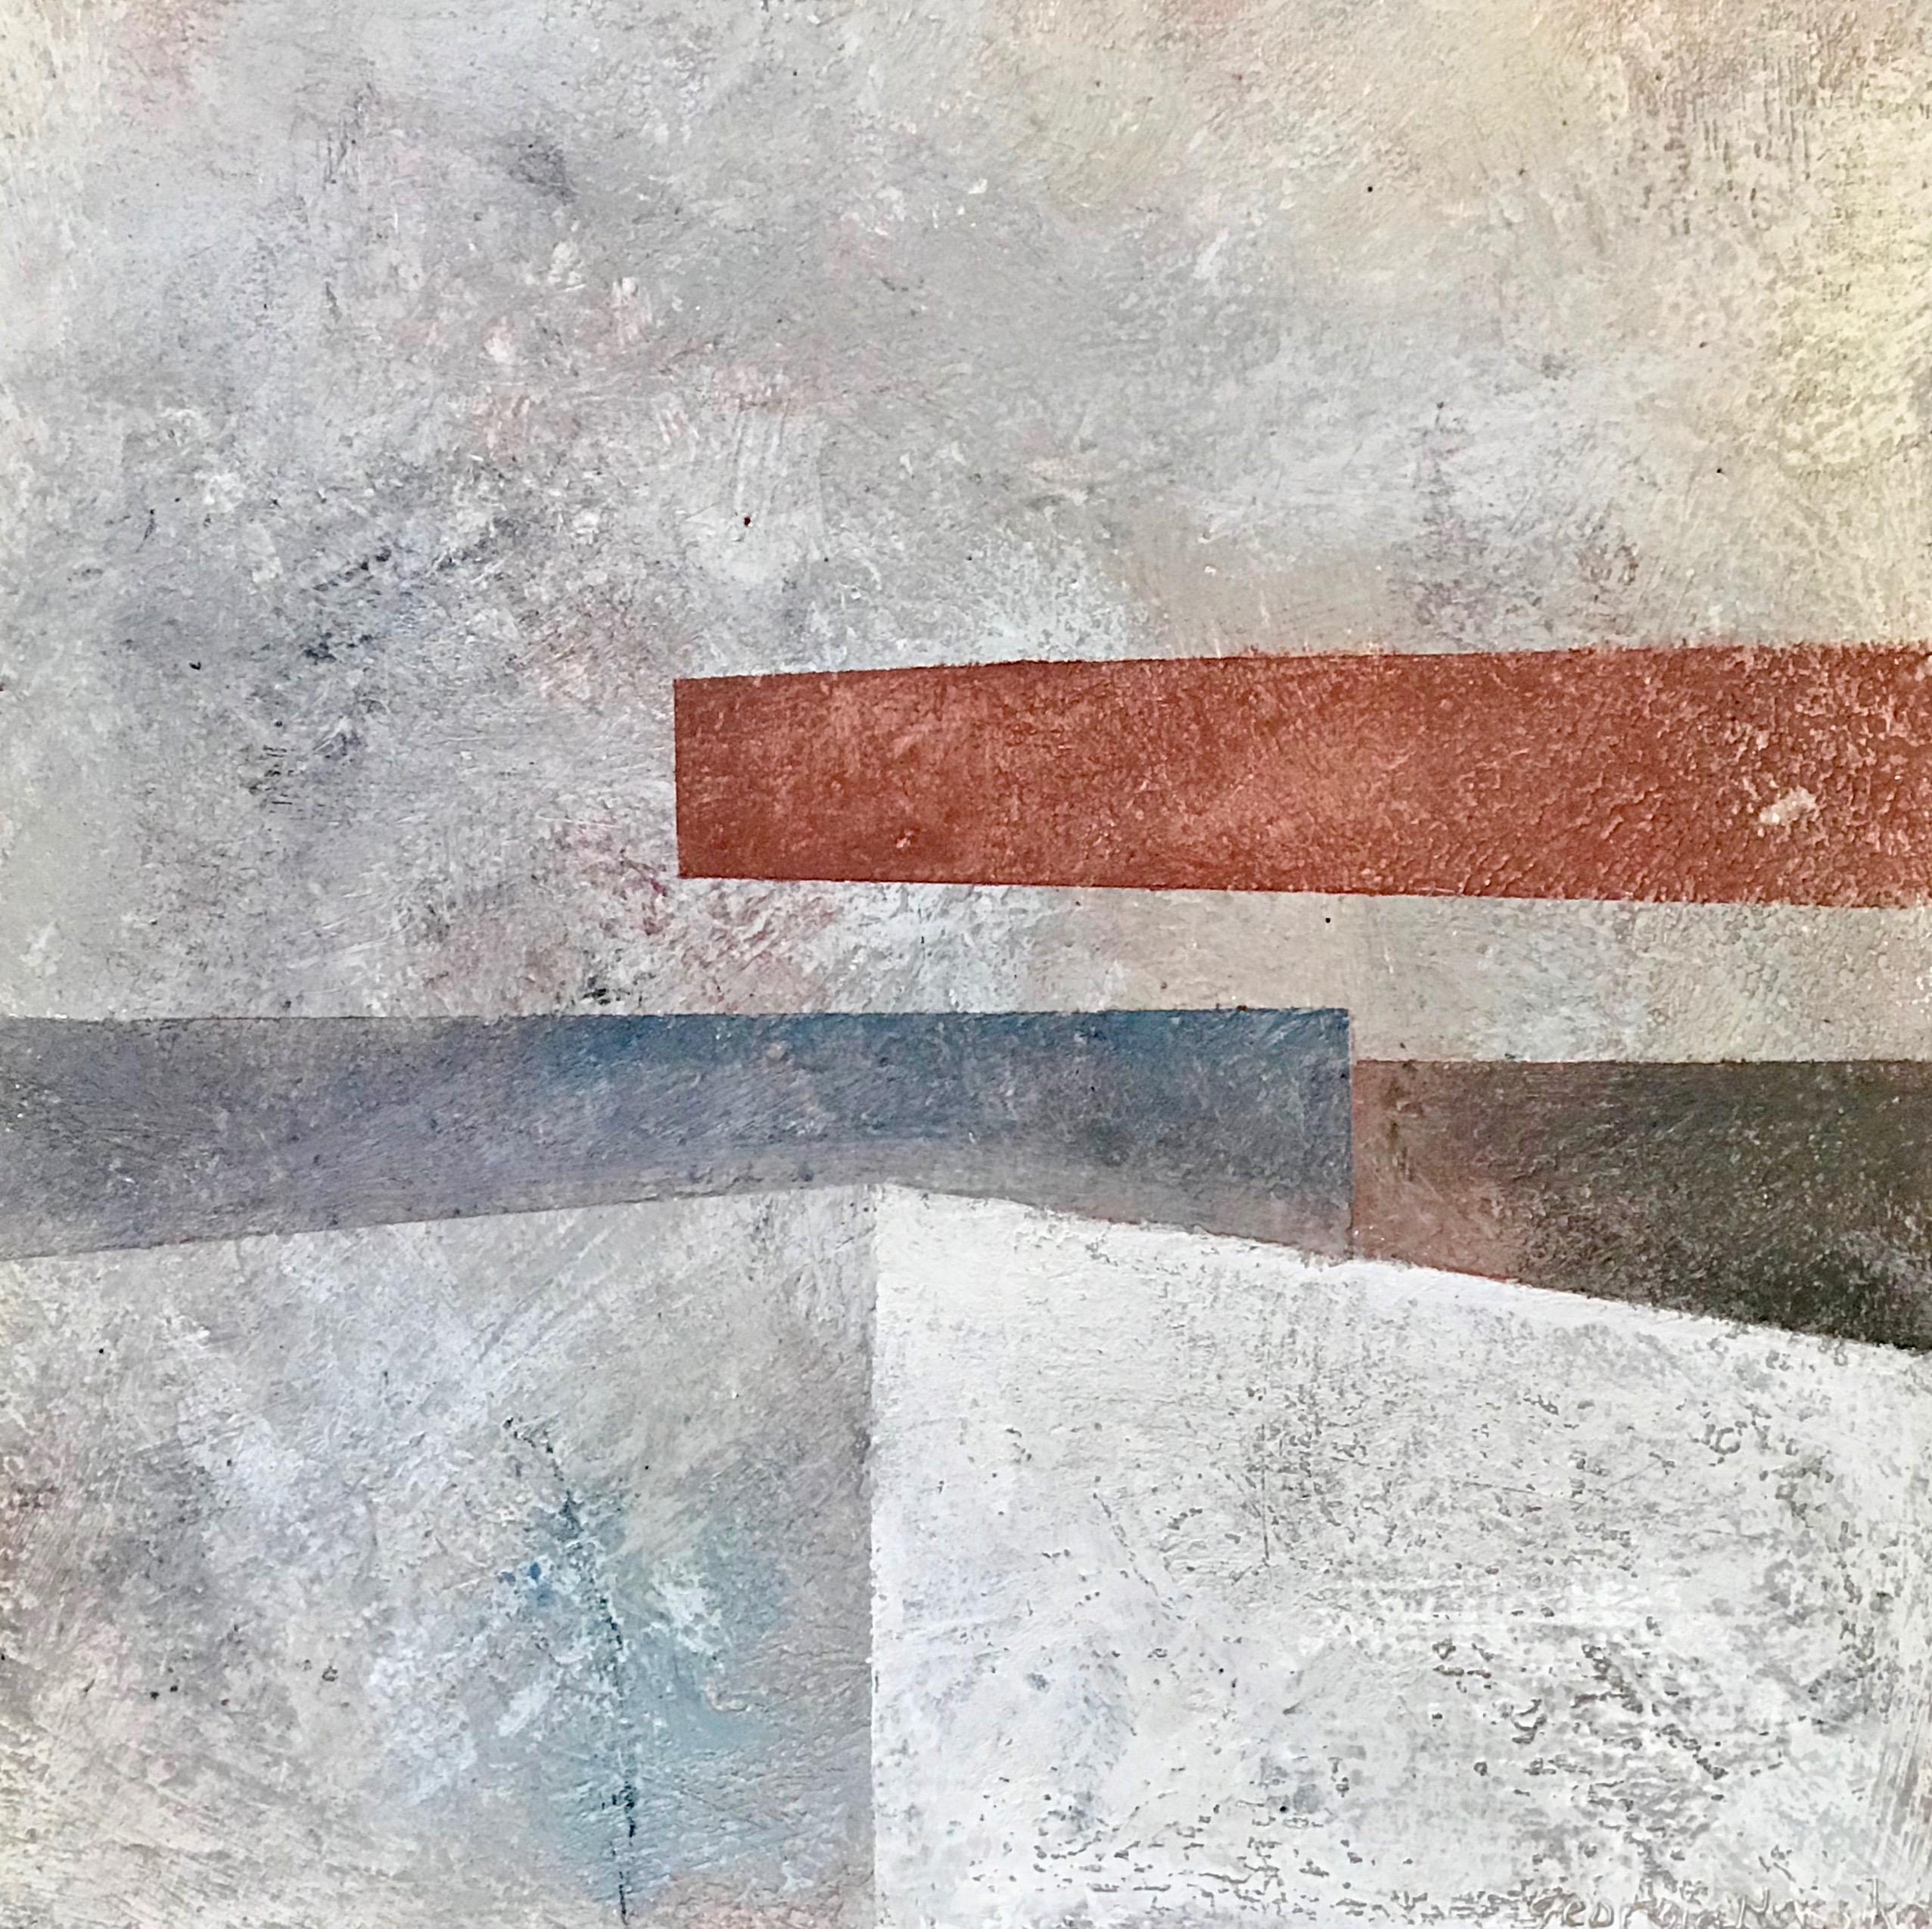 Above by Georgia Nassikas - Recent Artwork